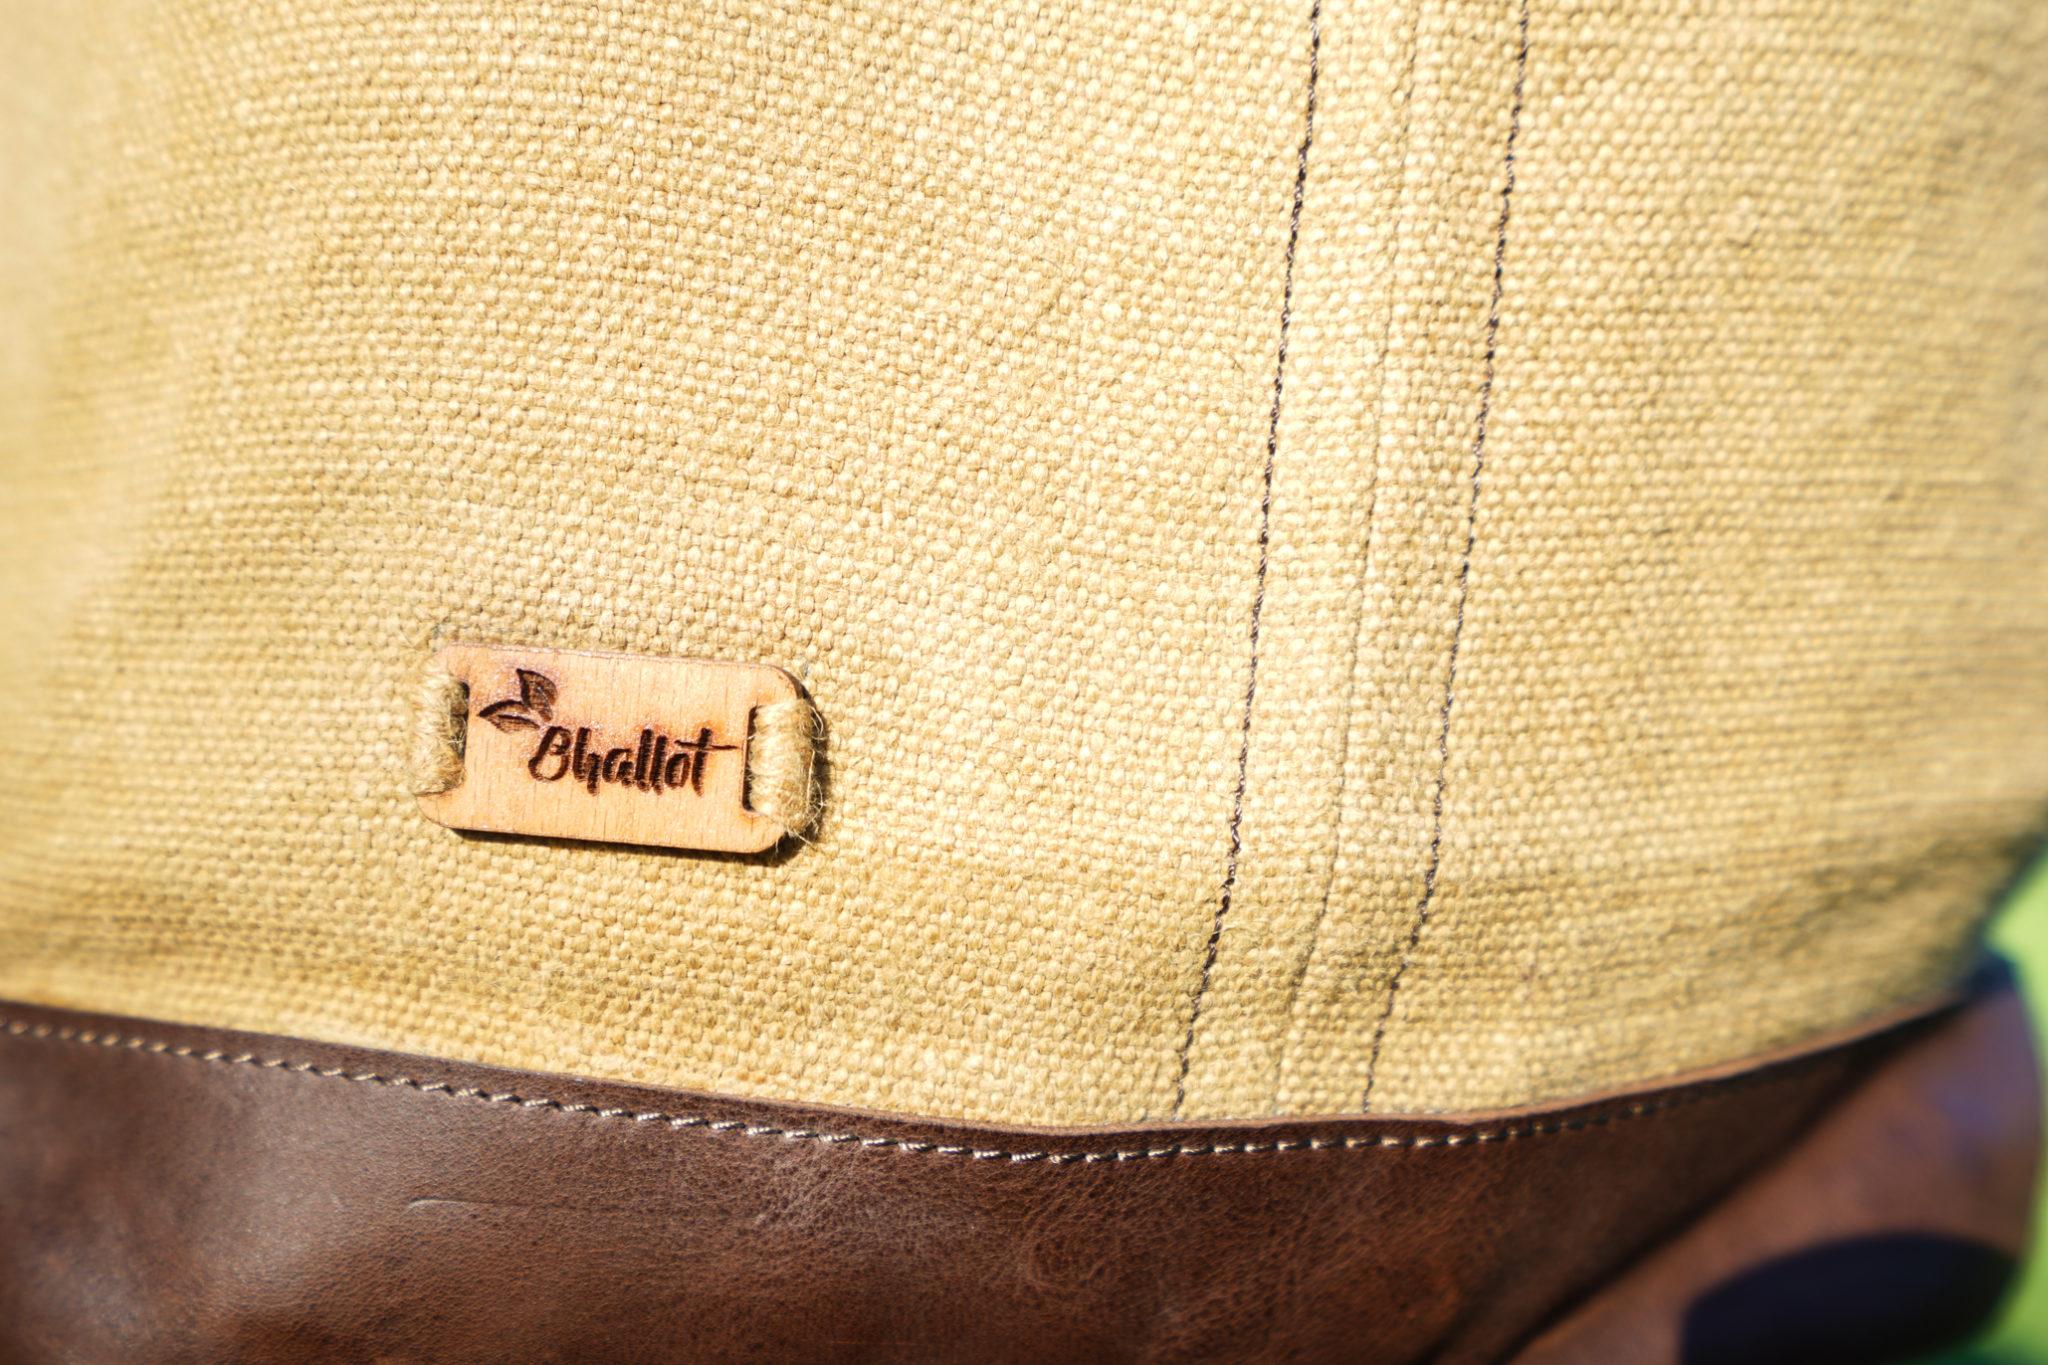 Bhallot-mode-fashion-sac-éthique